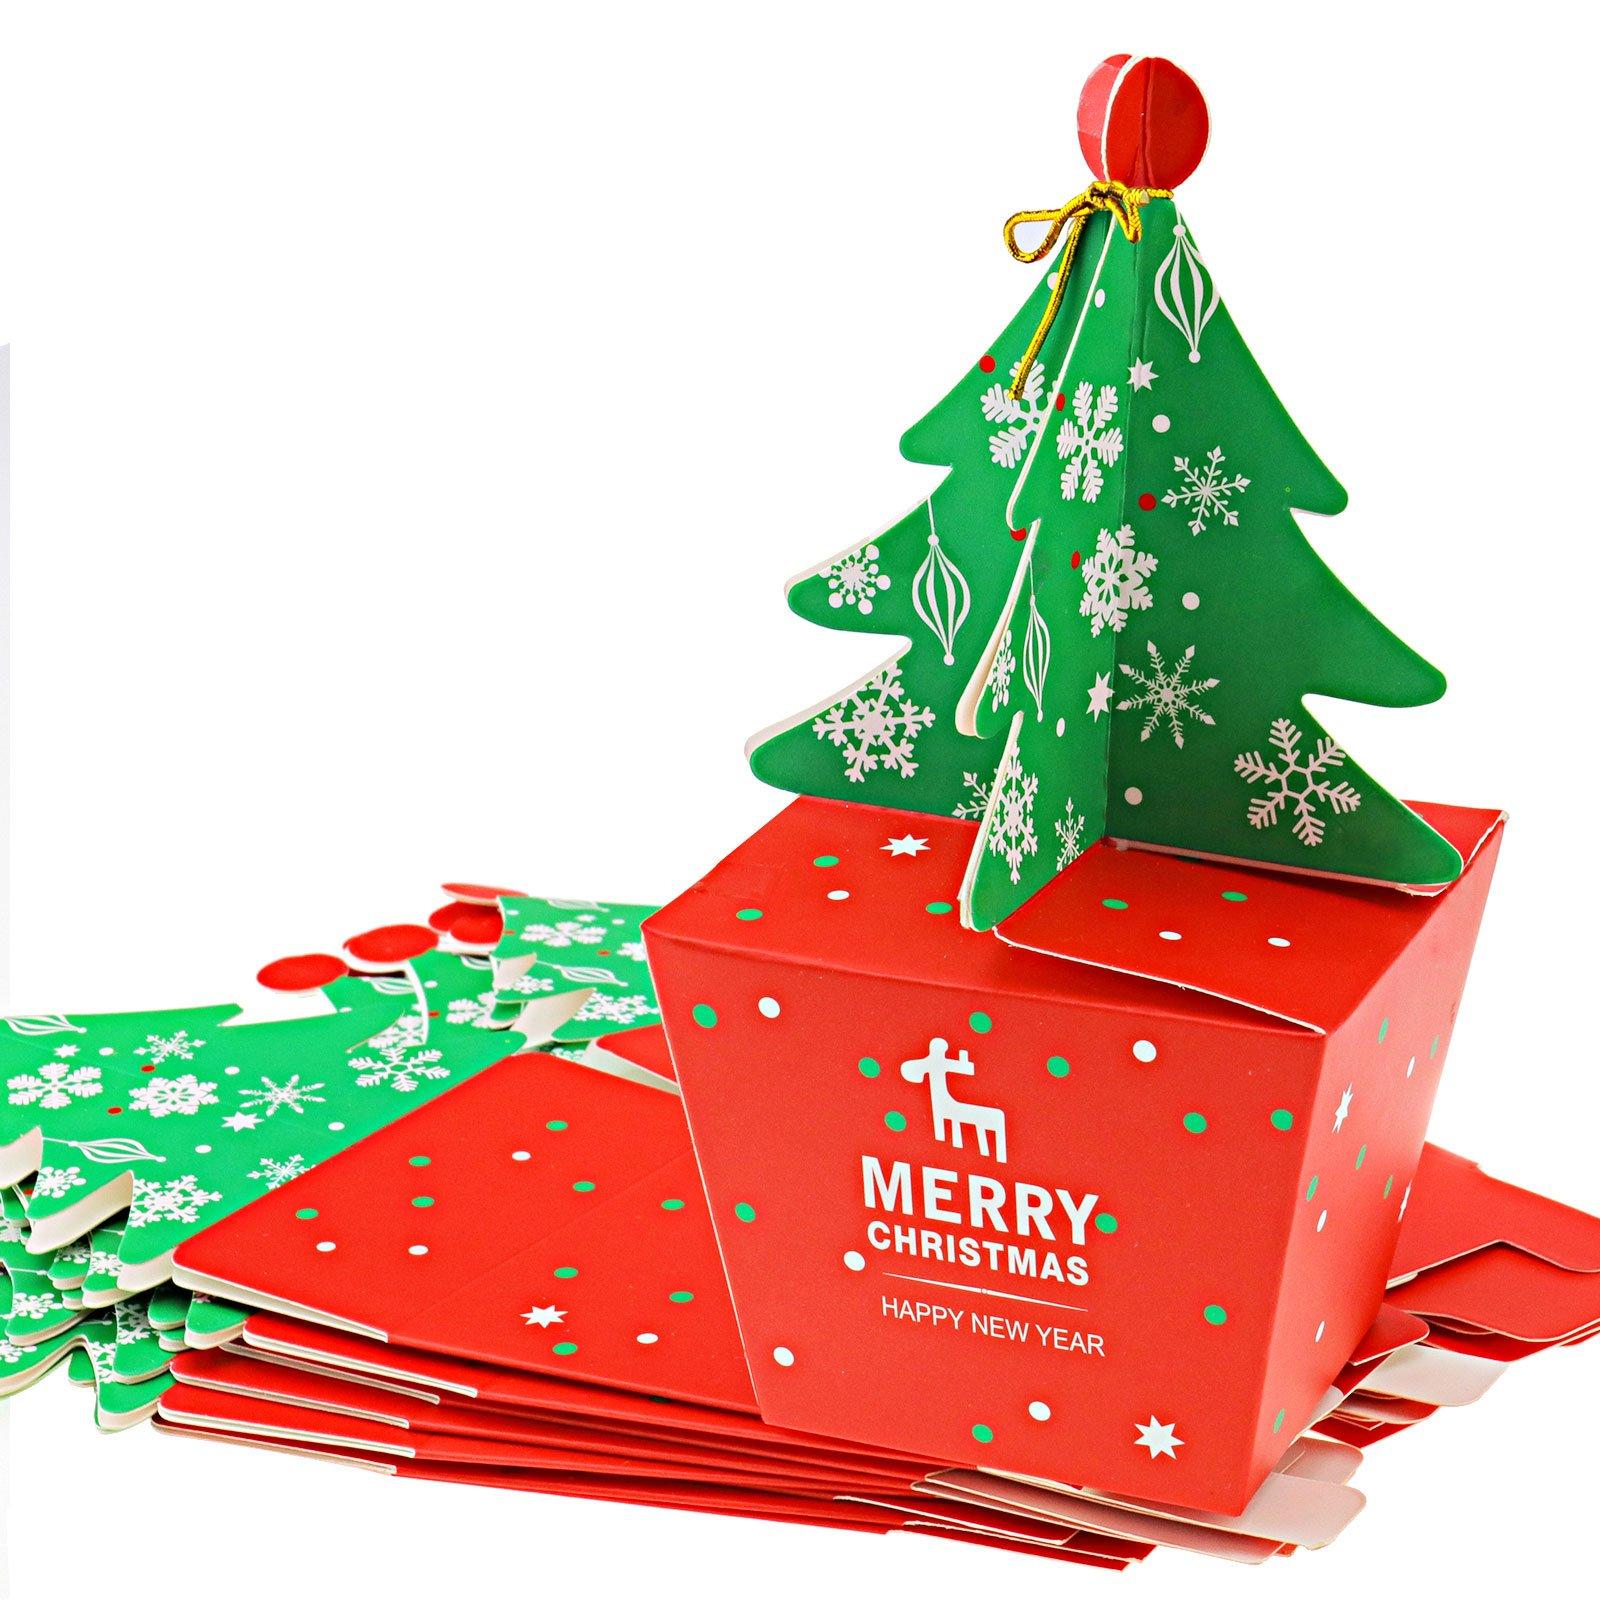 10 cajas de regalo de dulces para Navidad, 3D, estéreo, con árbol: Amazon.es: Bricolaje y herramientas